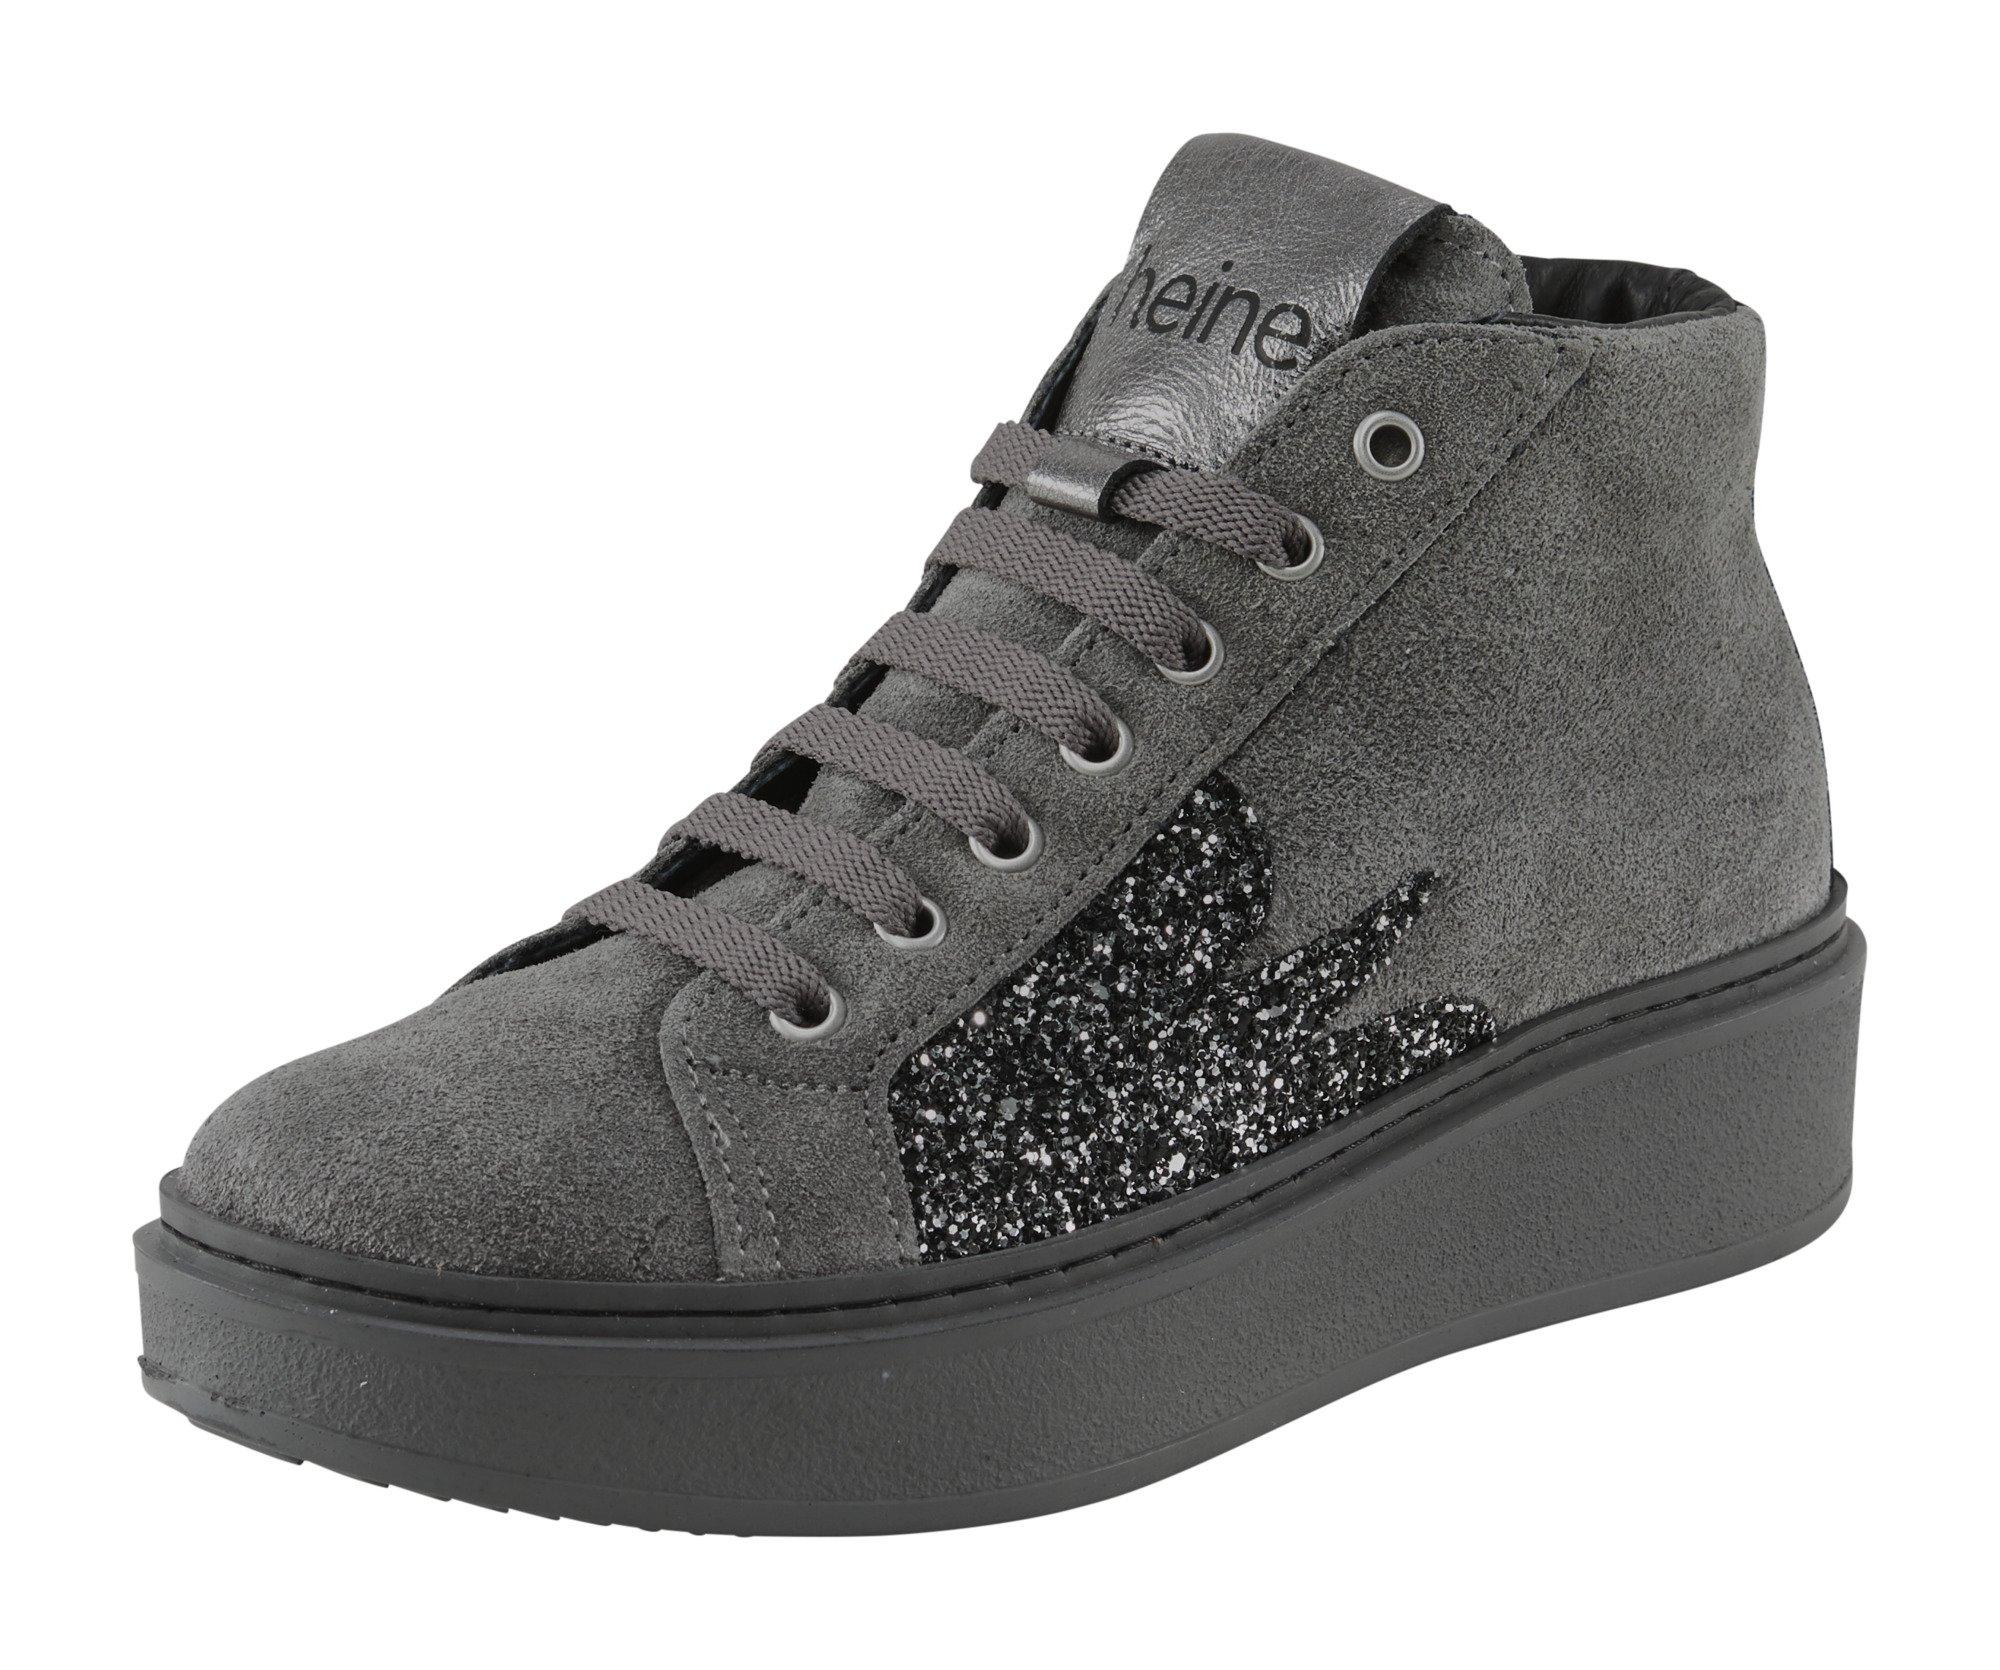 heine Sneakers voordelig en veilig online kopen